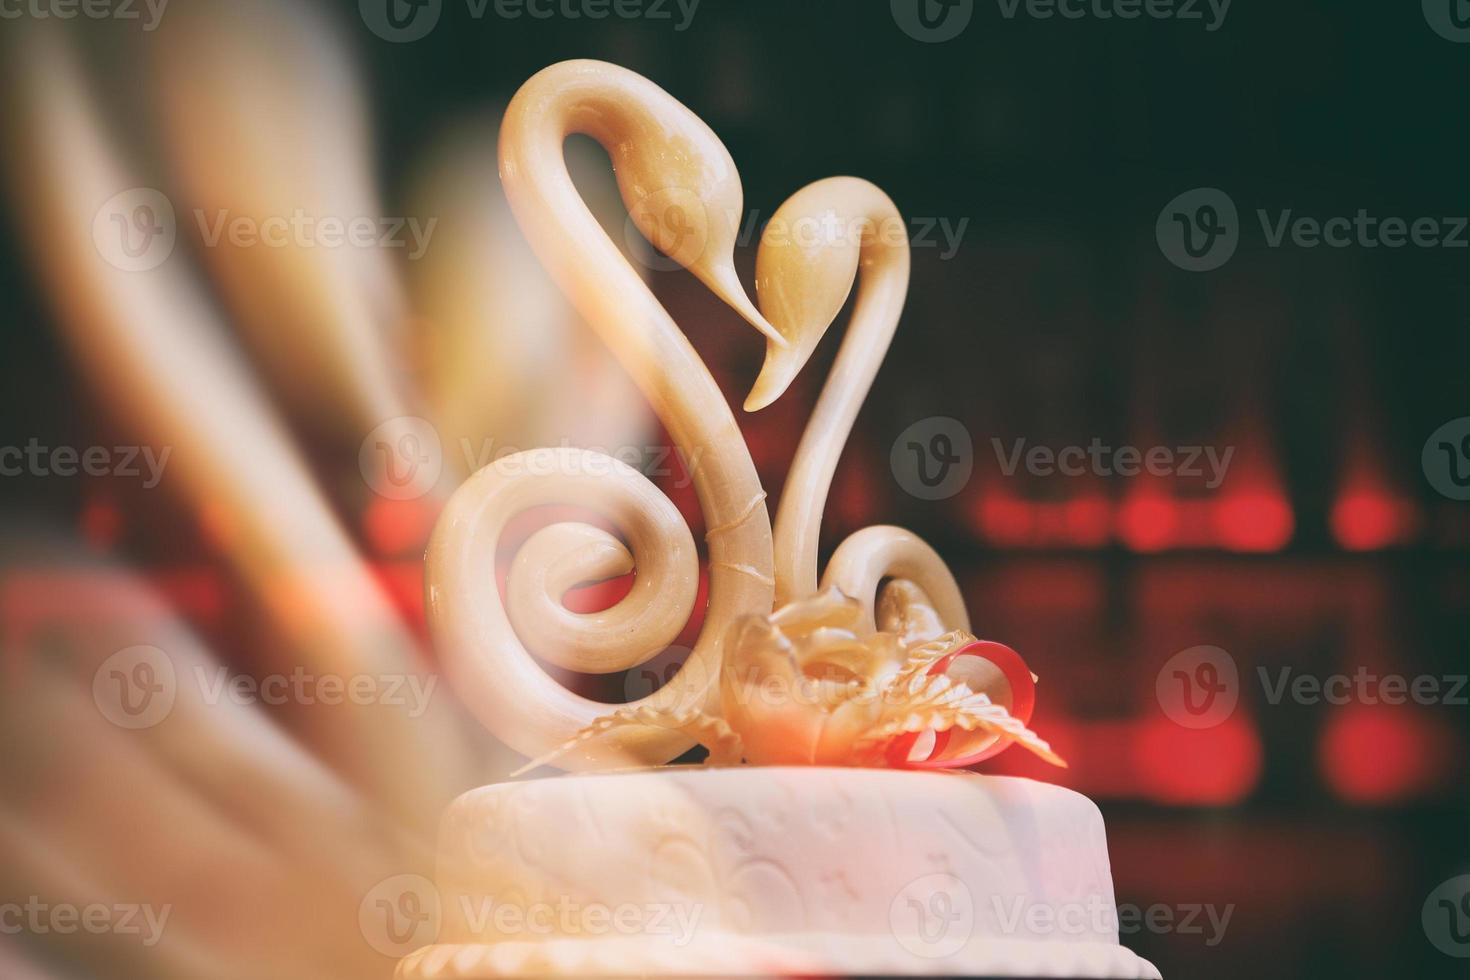 cisnes de caramelo en un pastel de bodas foto